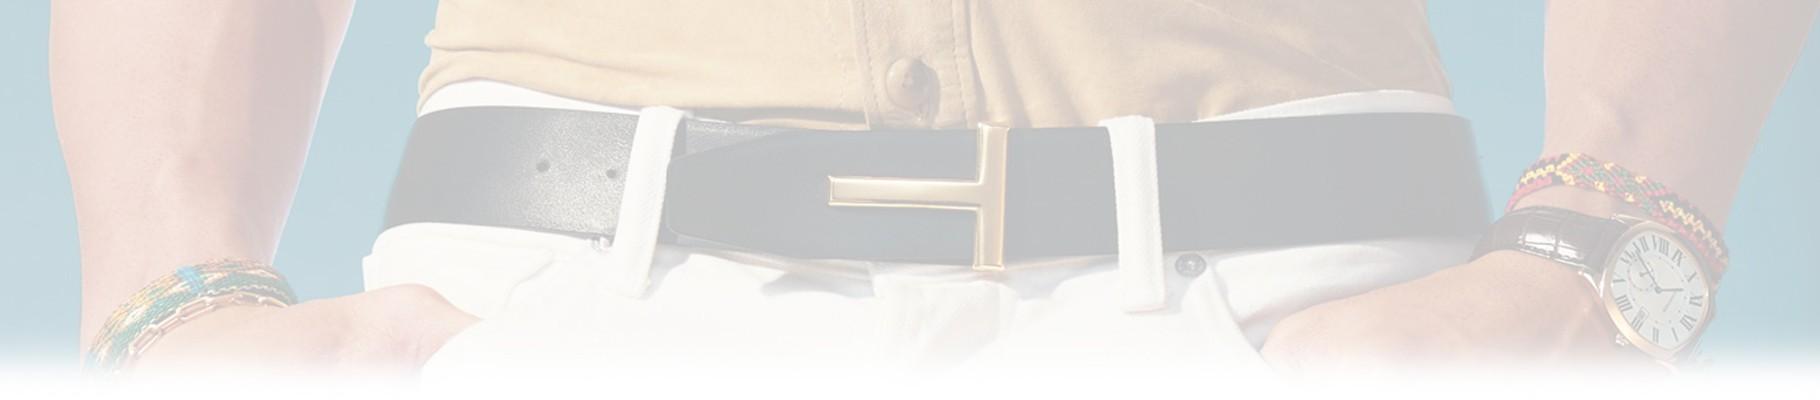 Cinture uomo firmate dai migliori brand di moda italiana e mondiale.